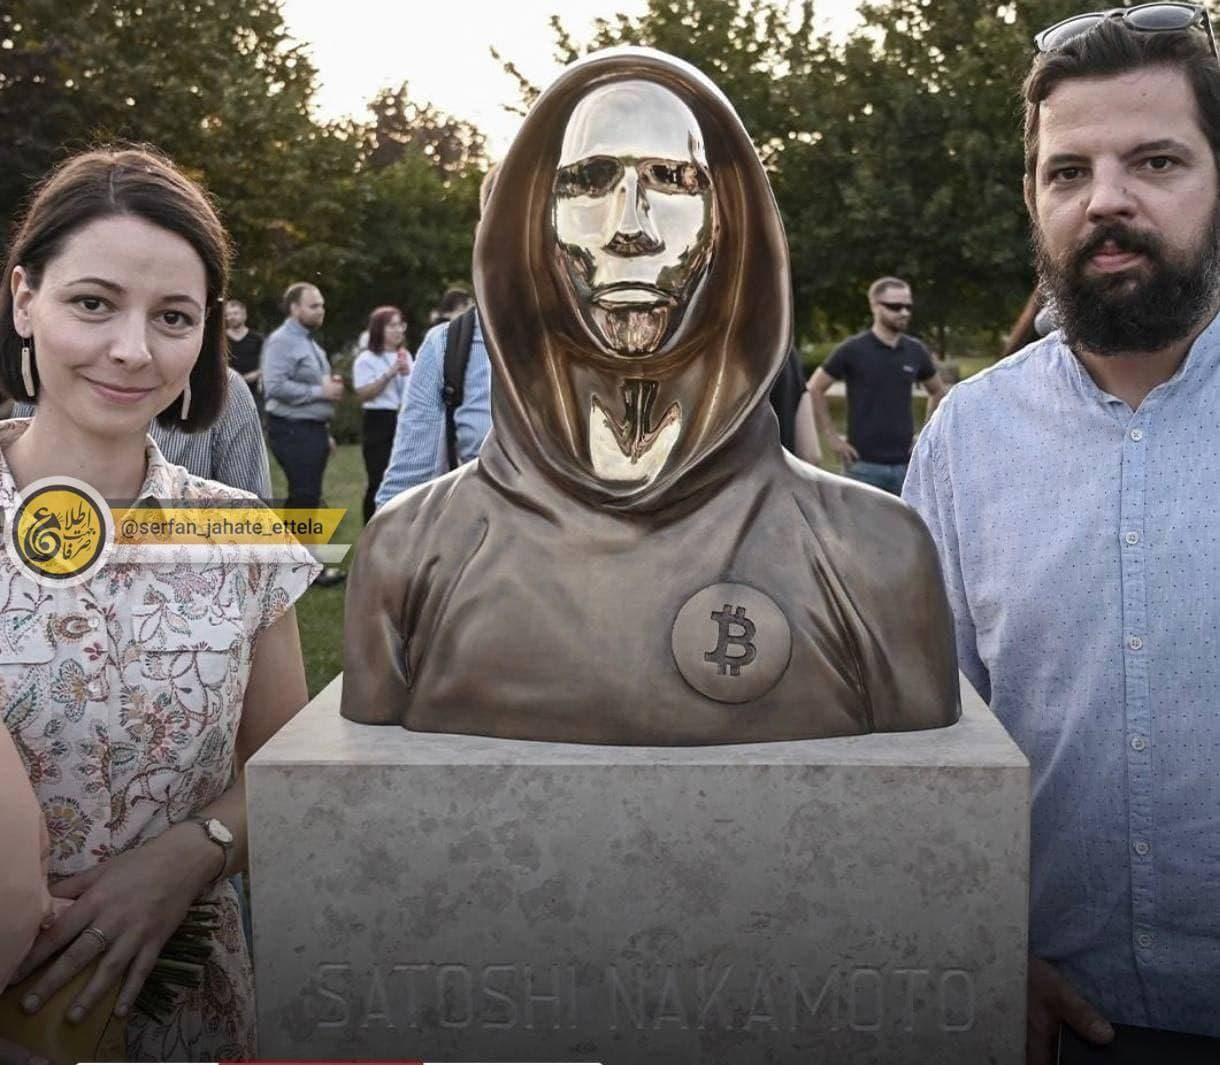 رونمایی از مجسمه ساتوشی ناکاموتو خالق بیتکوین در مجارستان